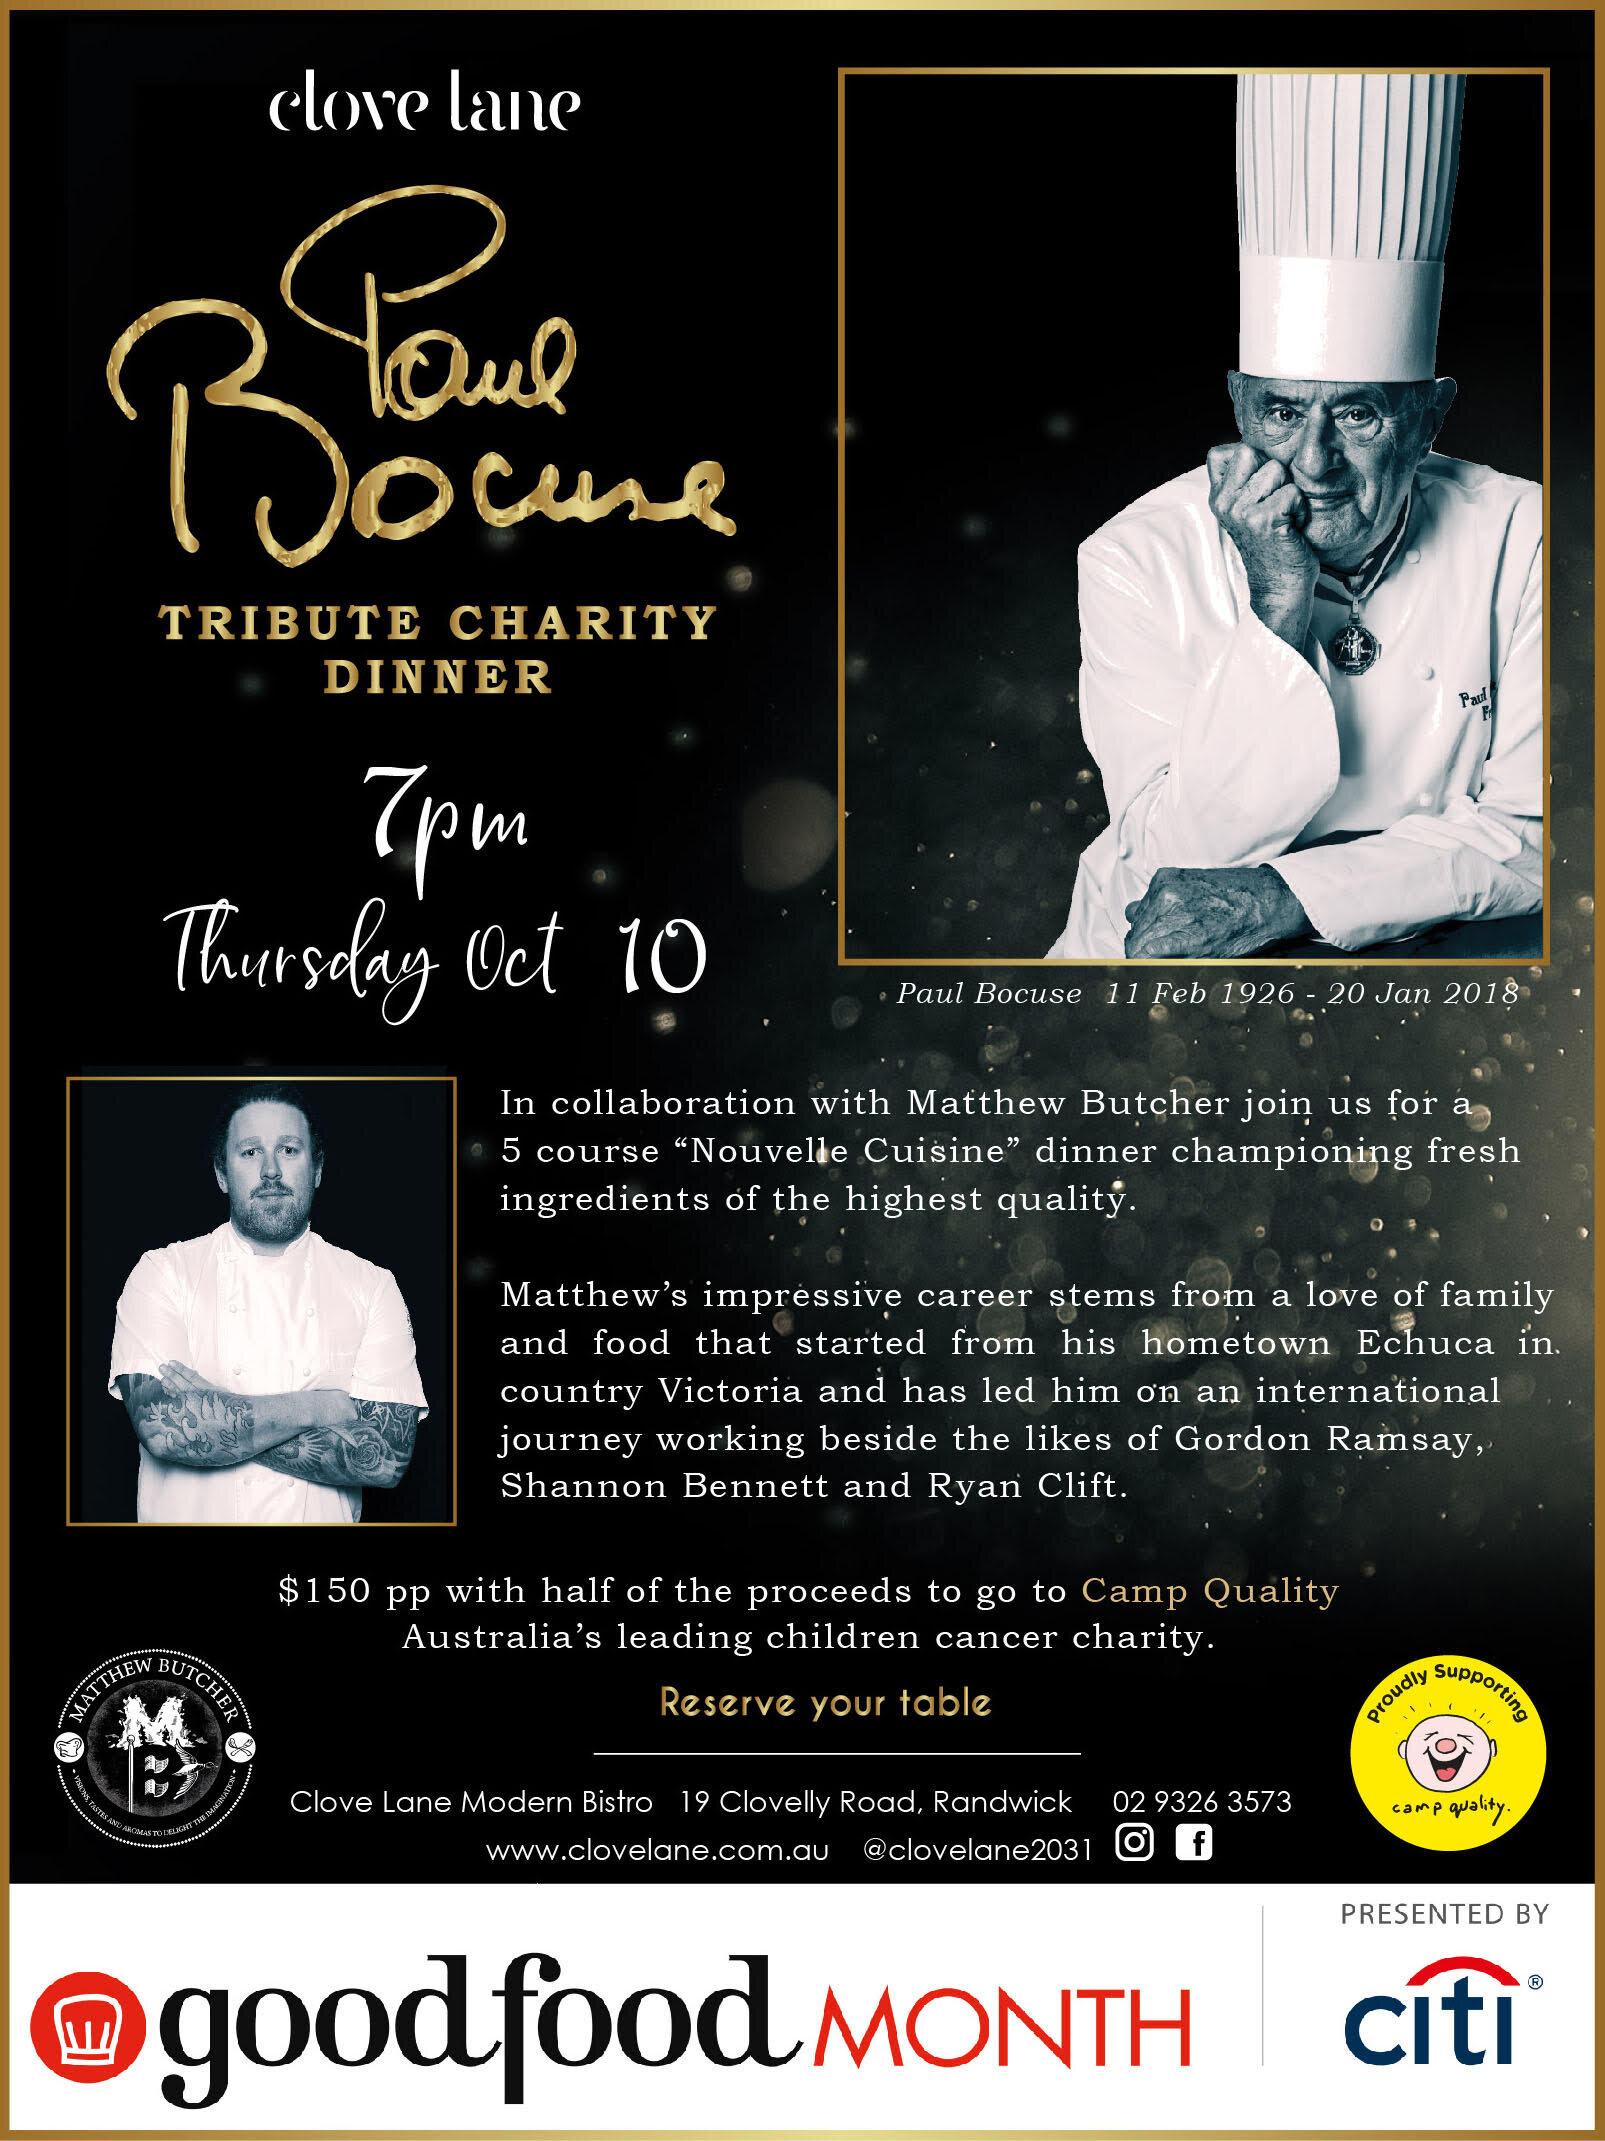 Paul Bocuse Tribute Charity Dinner